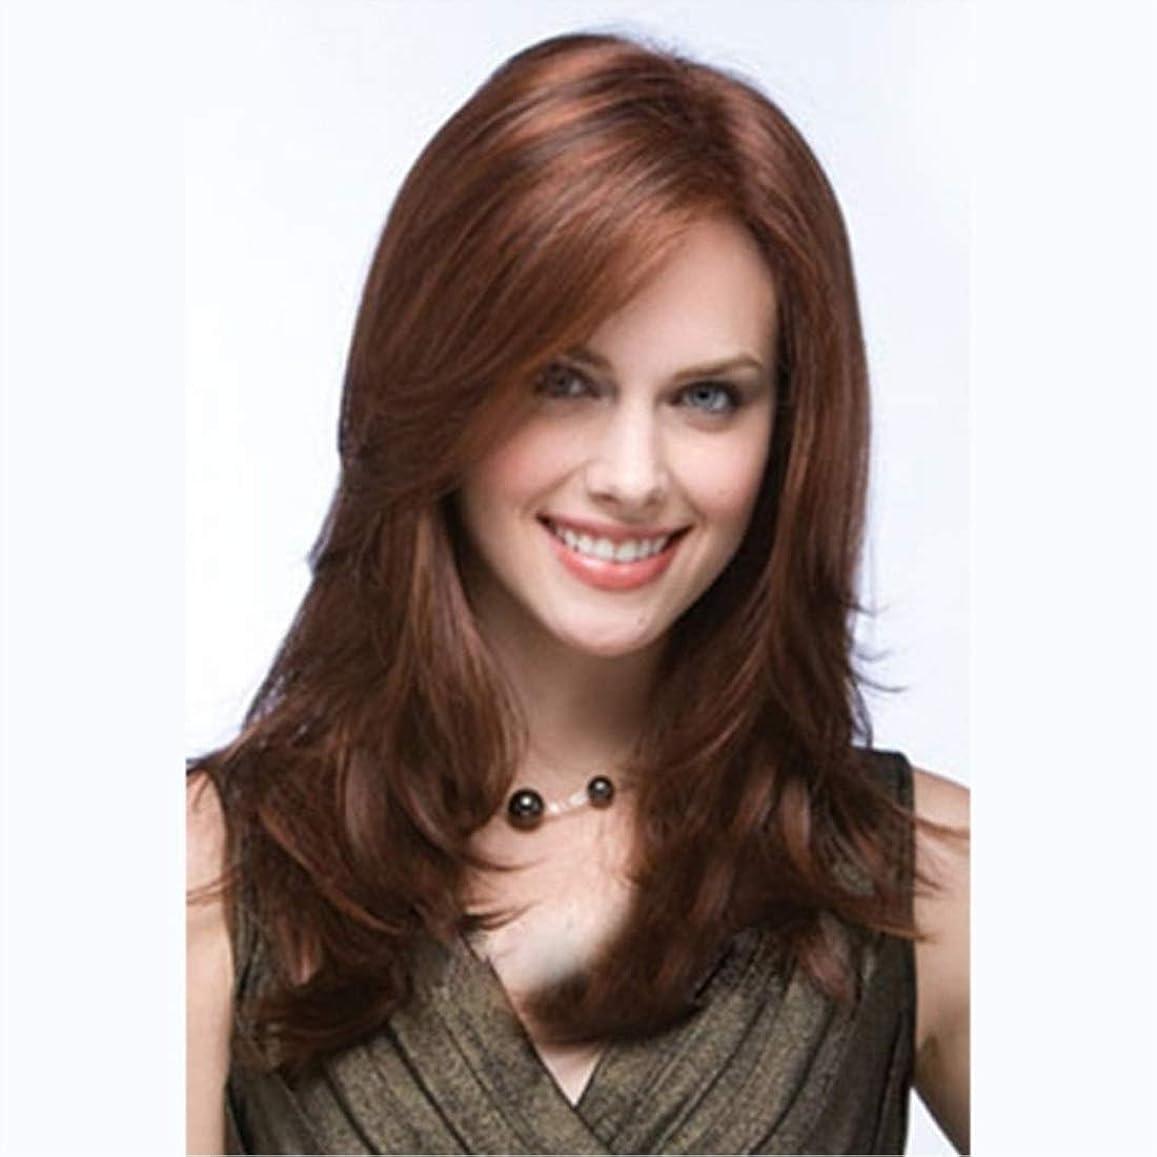 勃起チーム調べるKoloeplf かつら斜め前髪ブラウンロングカーリーヘアーロングナチュラルウェーブミドルパート合成かつら用女性耐熱性